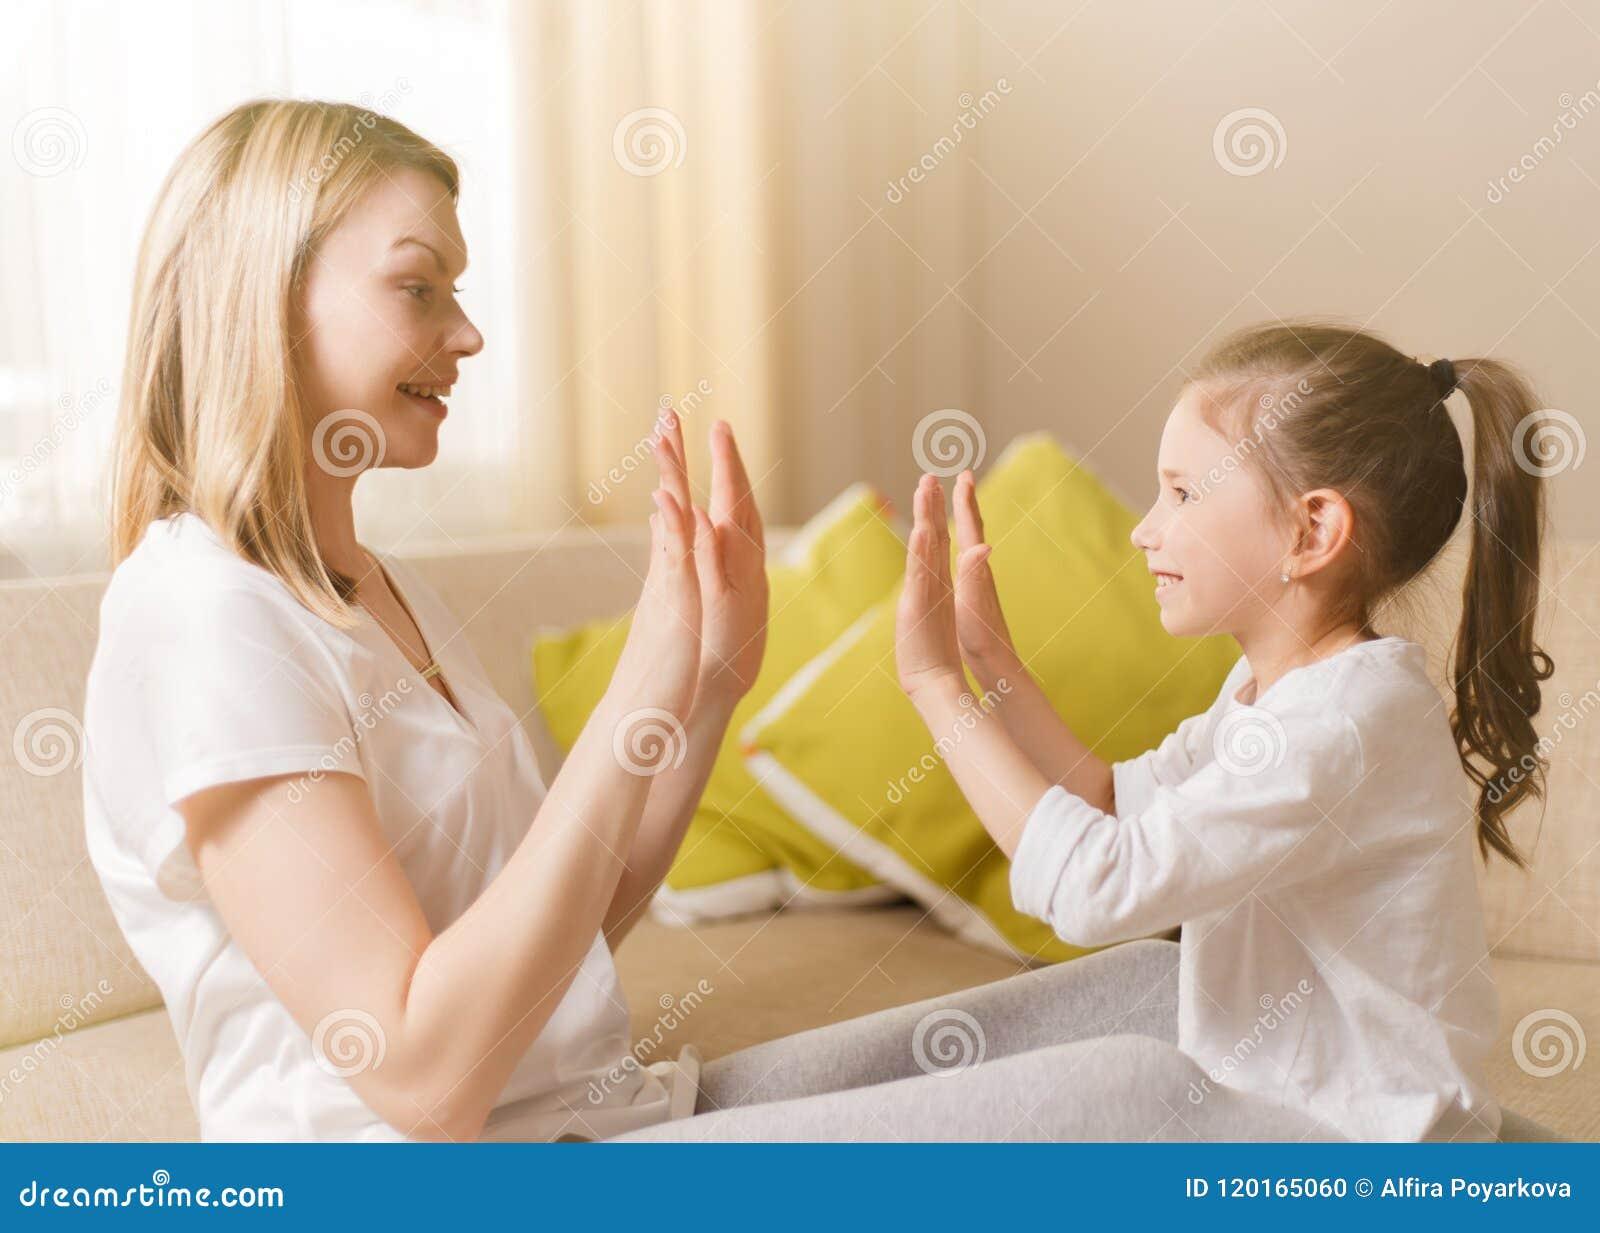 Το χαριτωμένο μικρό κορίτσι και η όμορφη μητέρα της είναι παίζοντας παιχνίδια στο σπίτι, χτυπώντας τα χέρια από κοινού